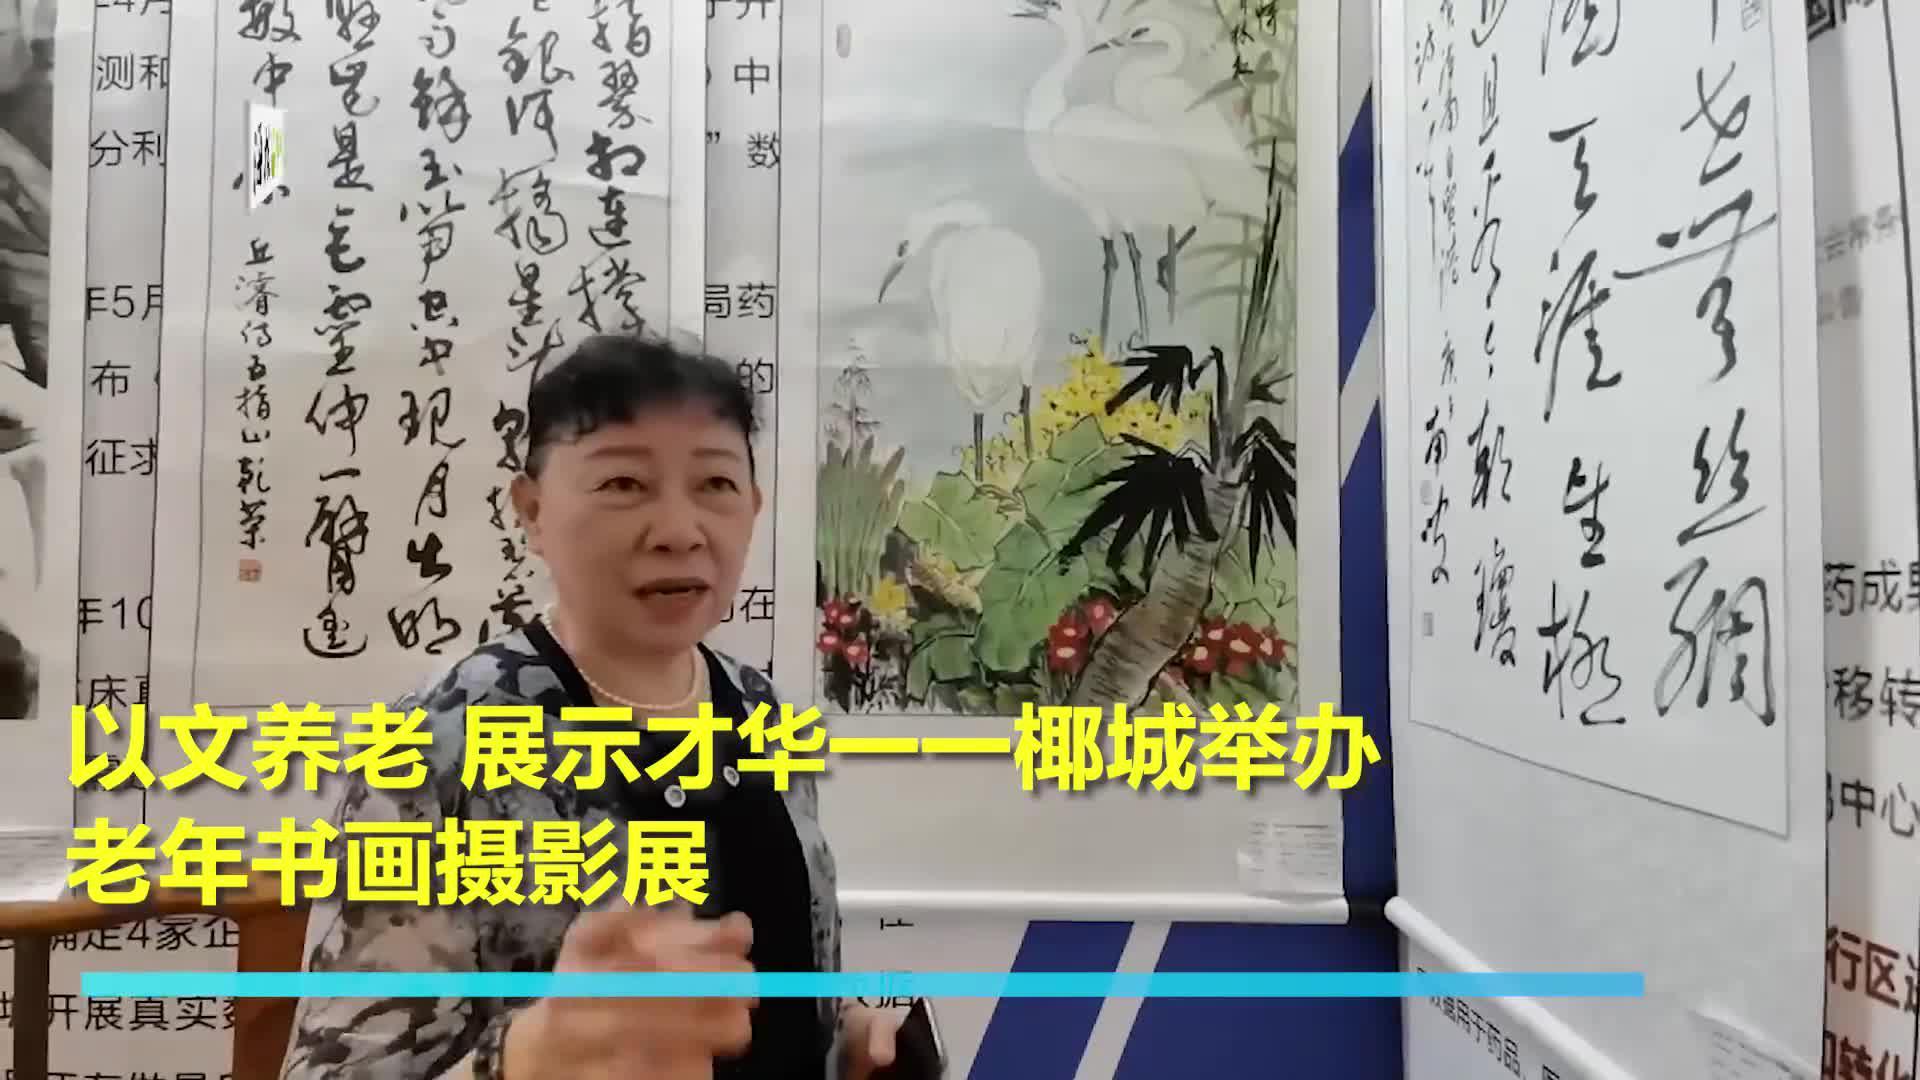 【海视频】以文养老 展示才华一一椰城举办老年书画摄影展